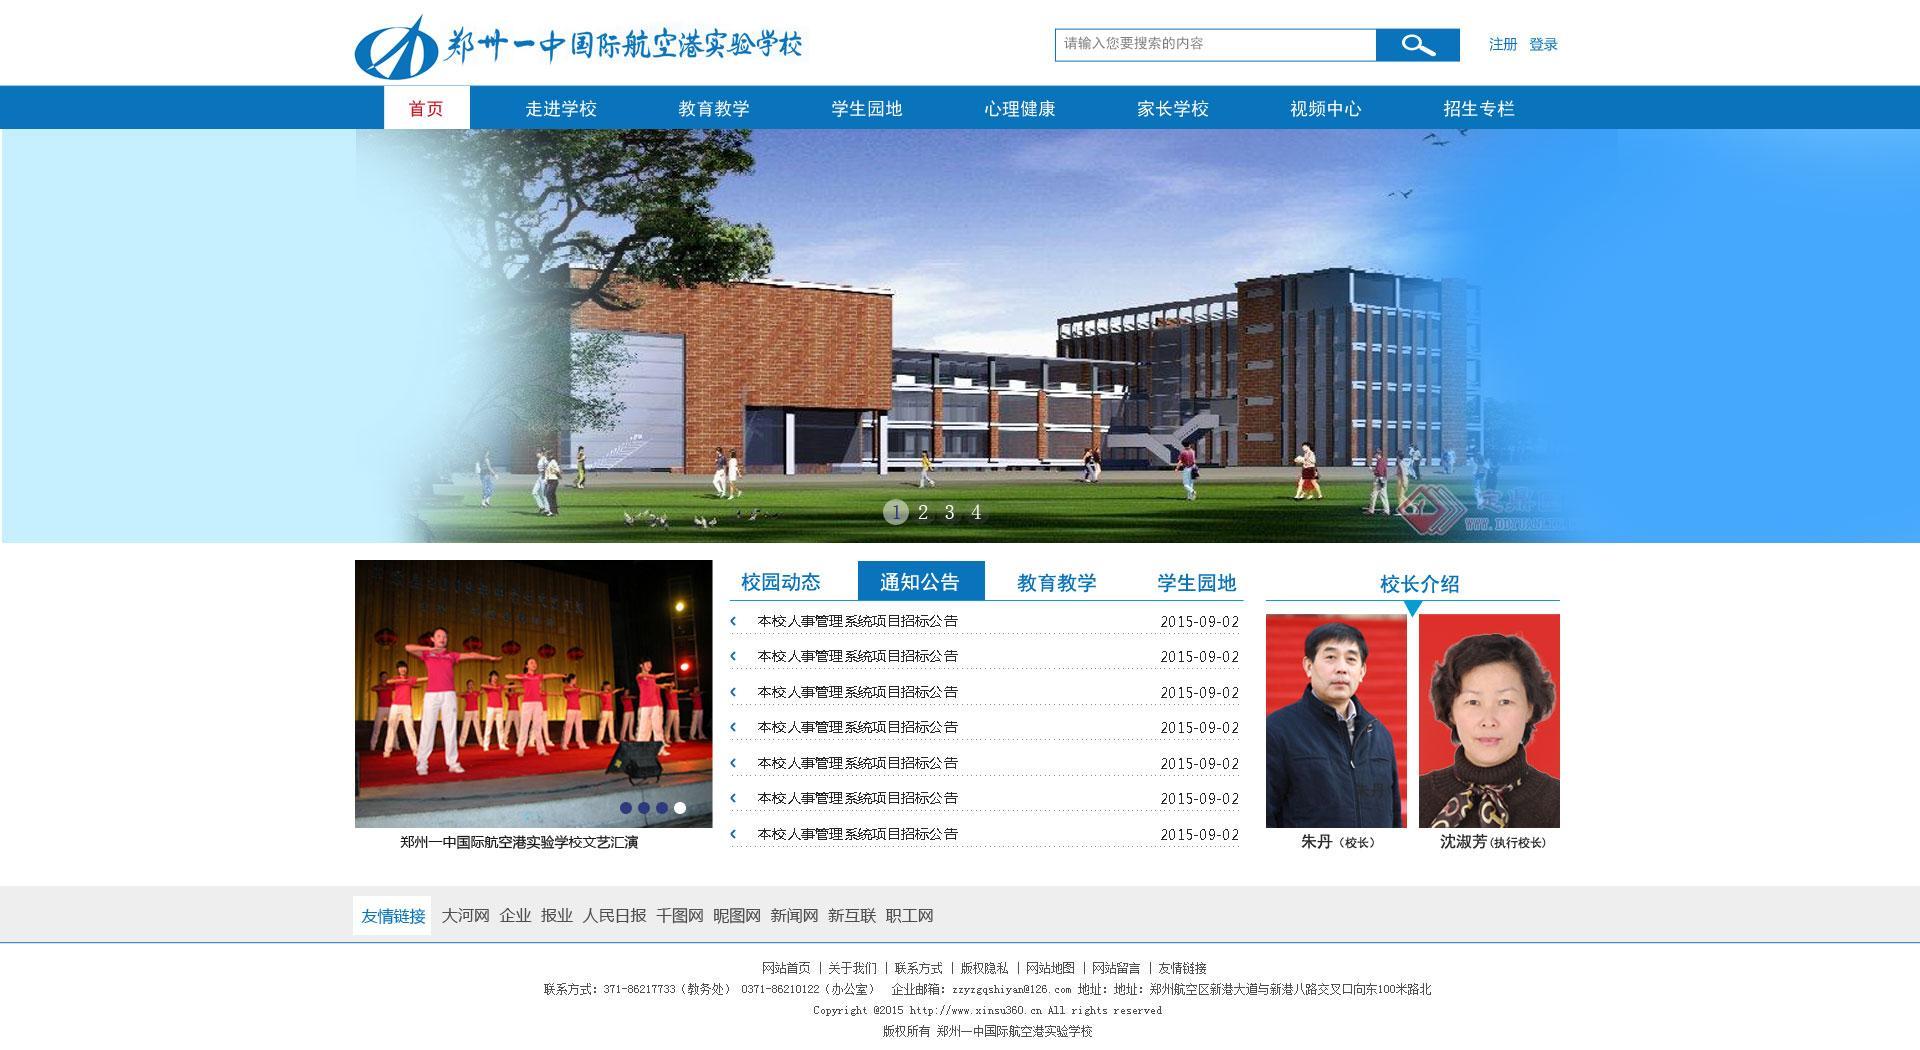 郑州一中国际航空港实验学校亿博国际网址建设效果图定稿